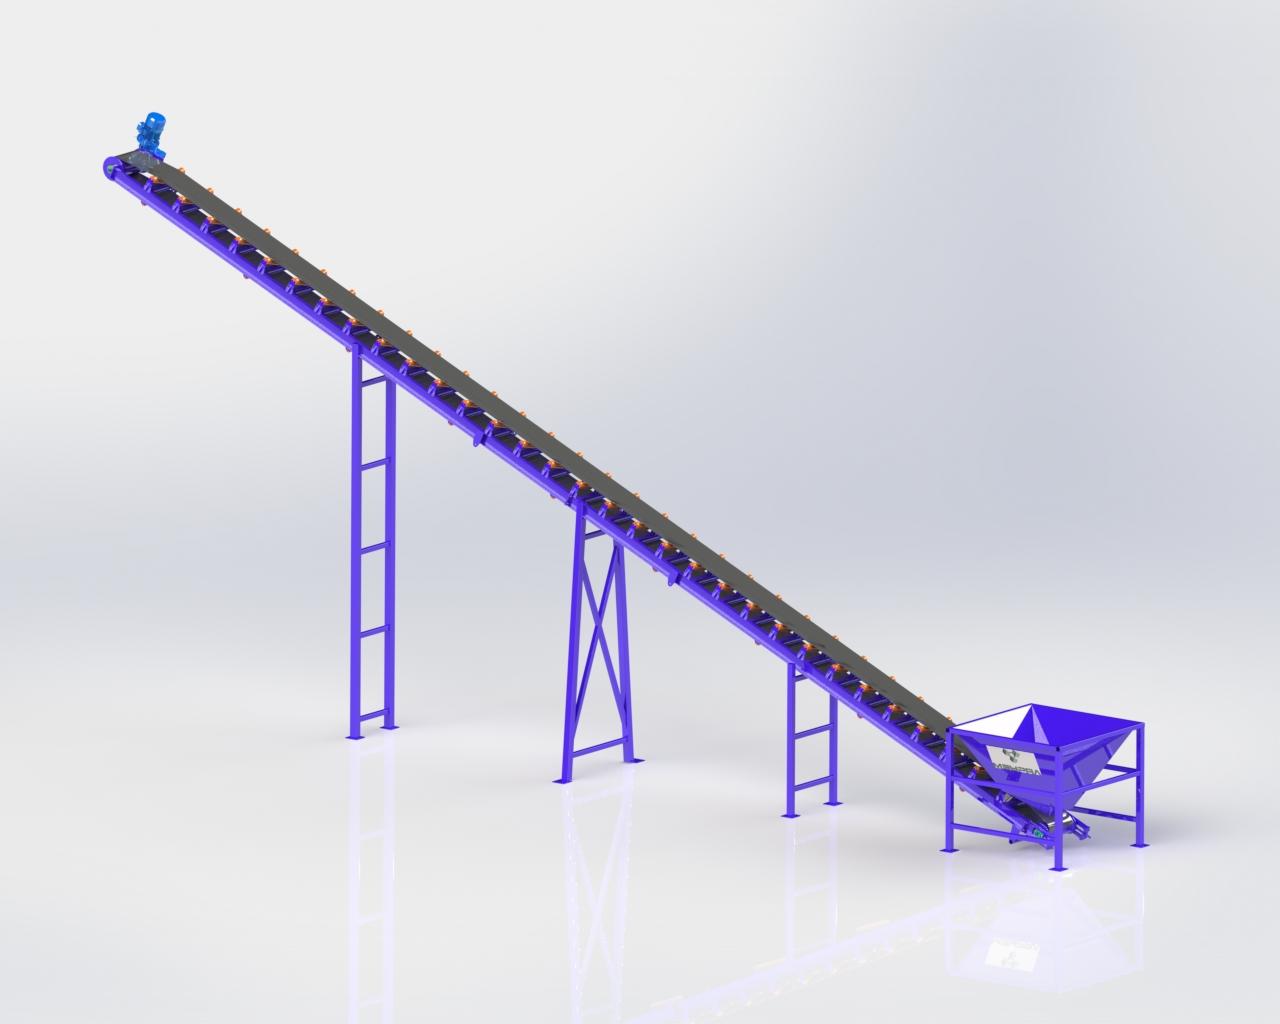 Ленточный конвейер ЛК16-600